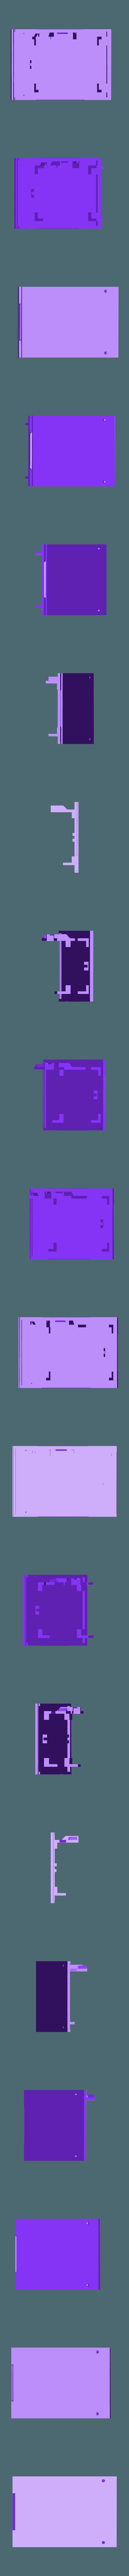 Main_Base_FINAL.stl Télécharger fichier STL gratuit Affaire Riden RD6006 sur l'alimentation électrique • Objet imprimable en 3D, christinewhybrow